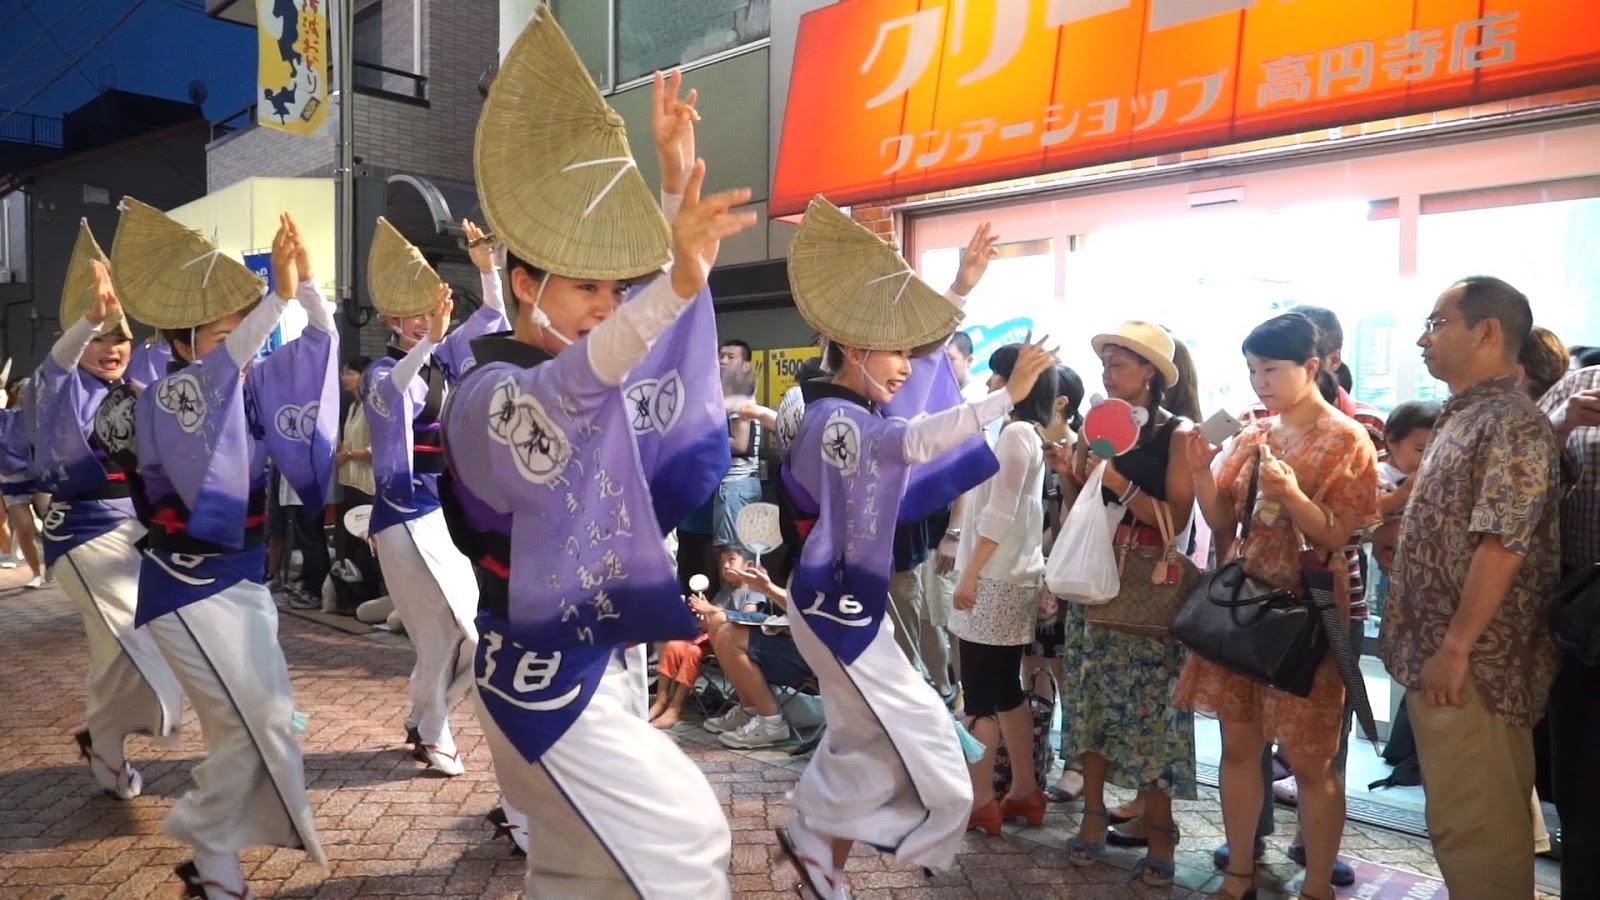 高円寺阿波おどり、花道連の動画を見る